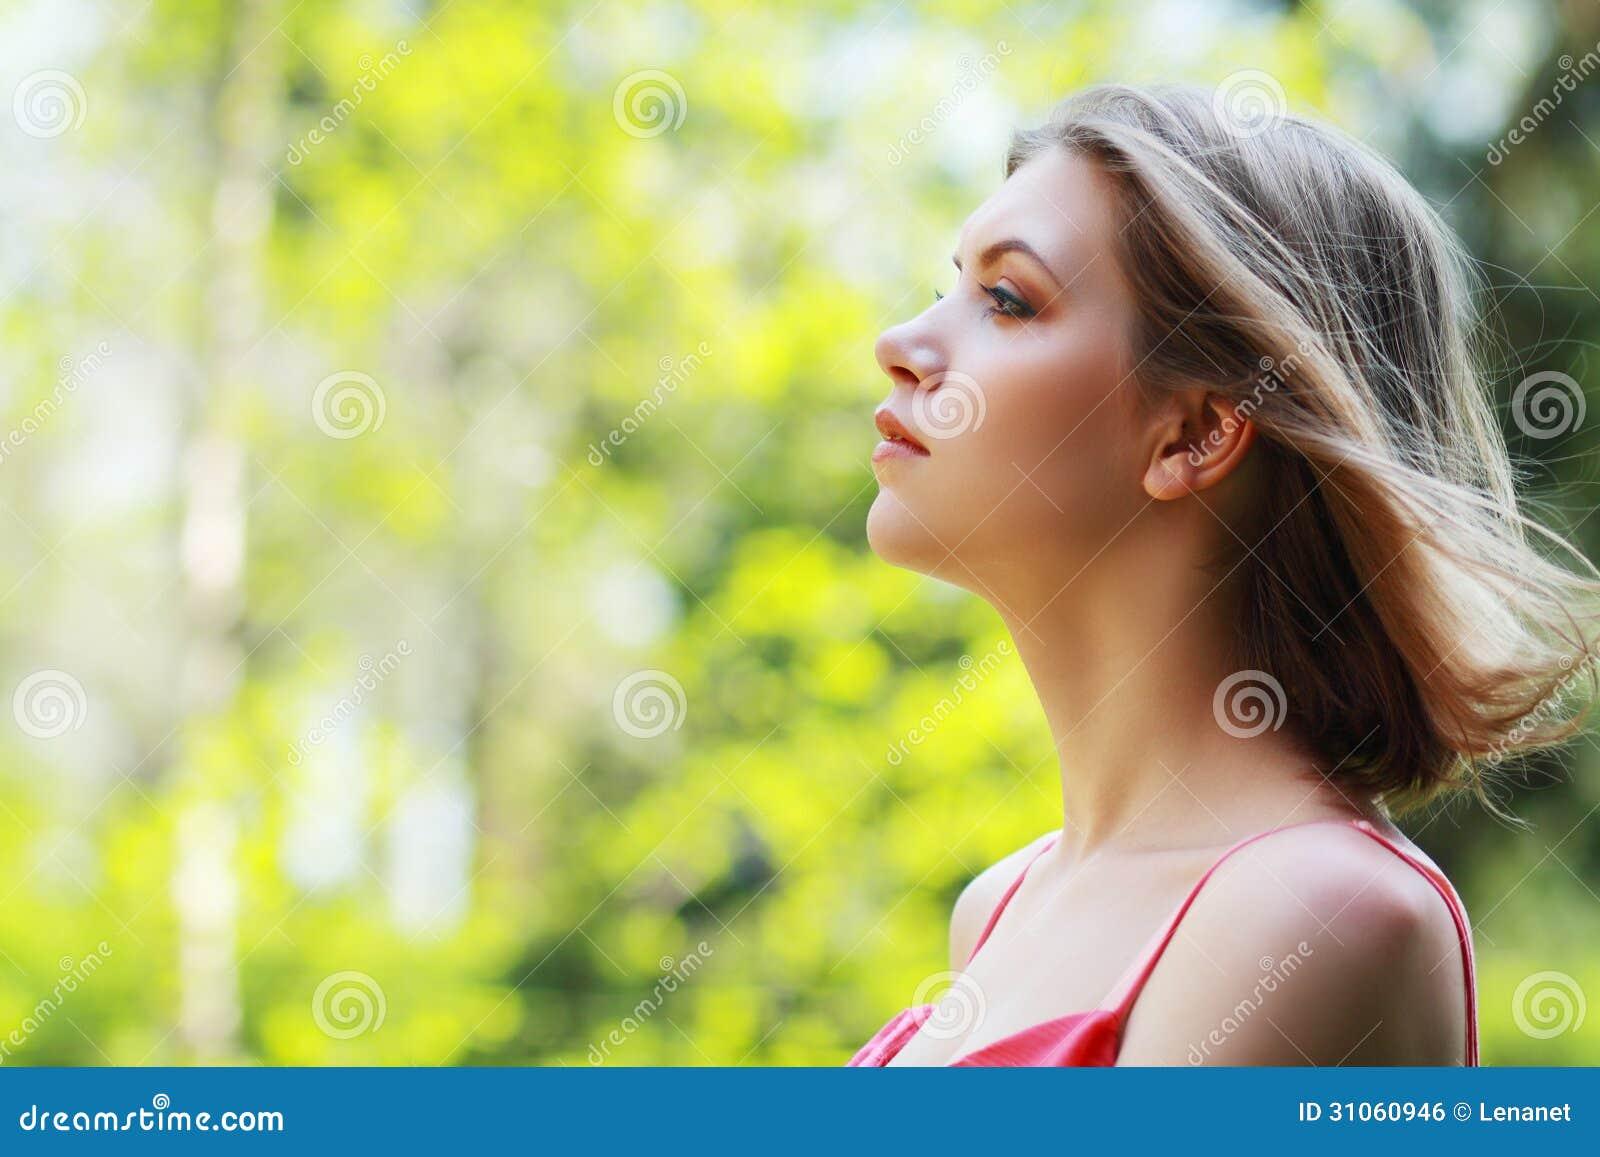 Perfil da jovem mulher